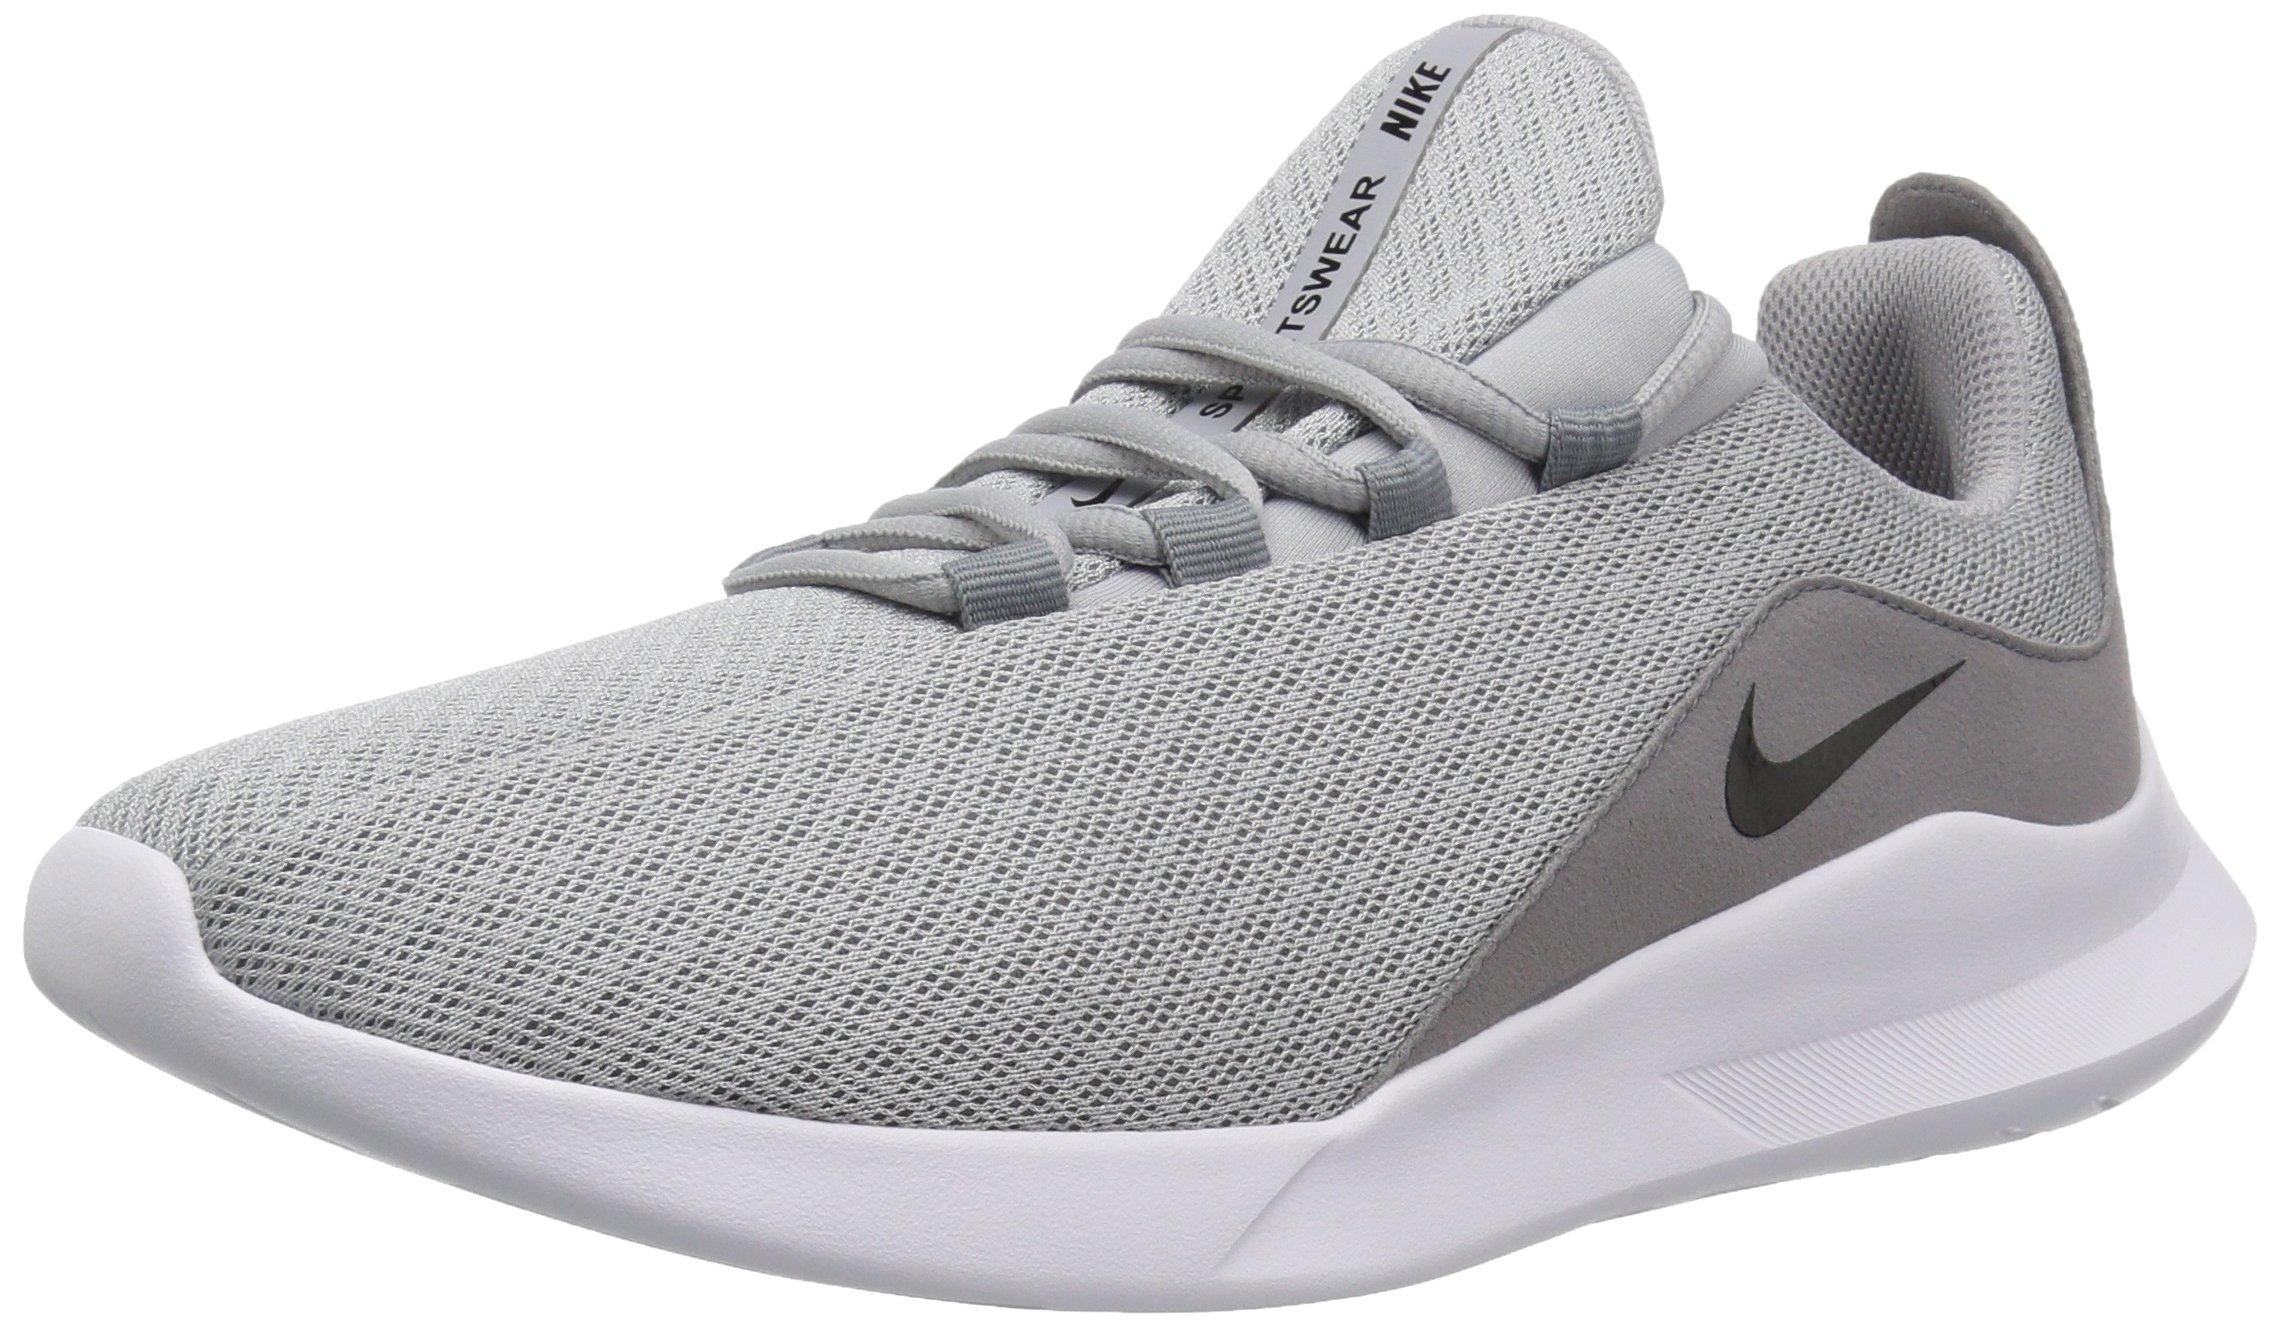 ebc6c84afc9ee2 Galleon - Nike Men s Viale Running Shoe